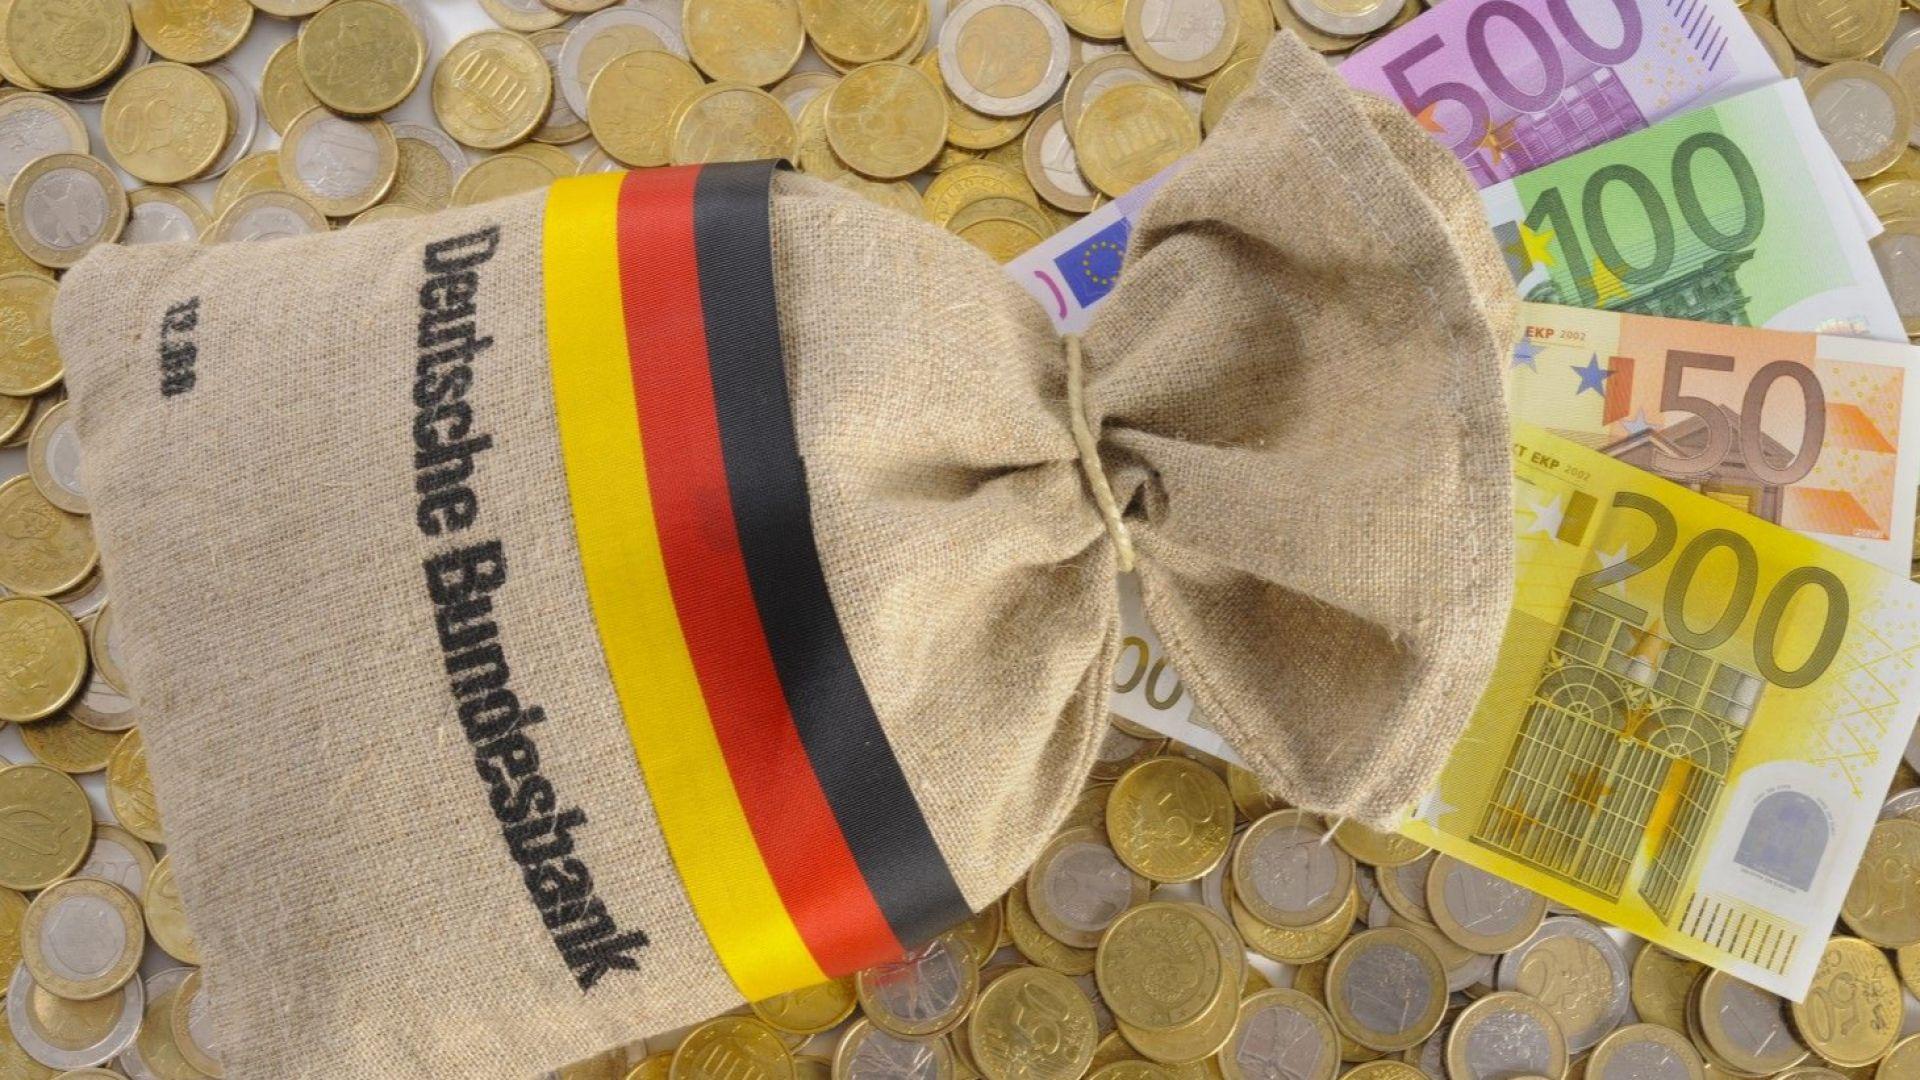 Германия отваря още повече пазара си за добри кадри чужденци